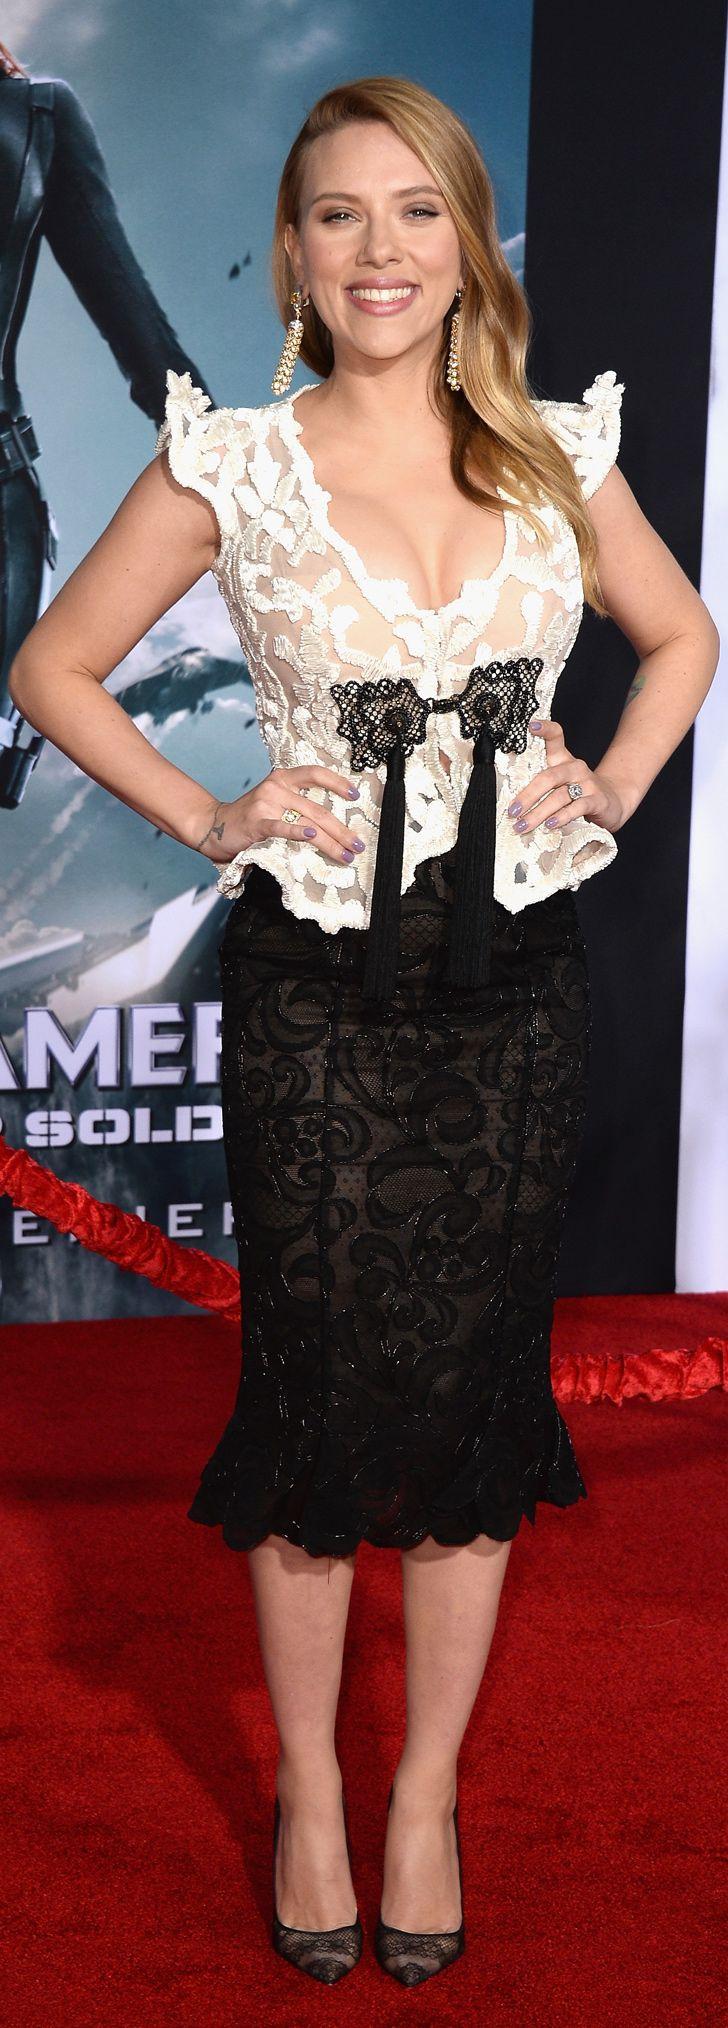 Scarlett Johansson in Giorgio Armani at the Captain America: The Winter Soldier premiere.